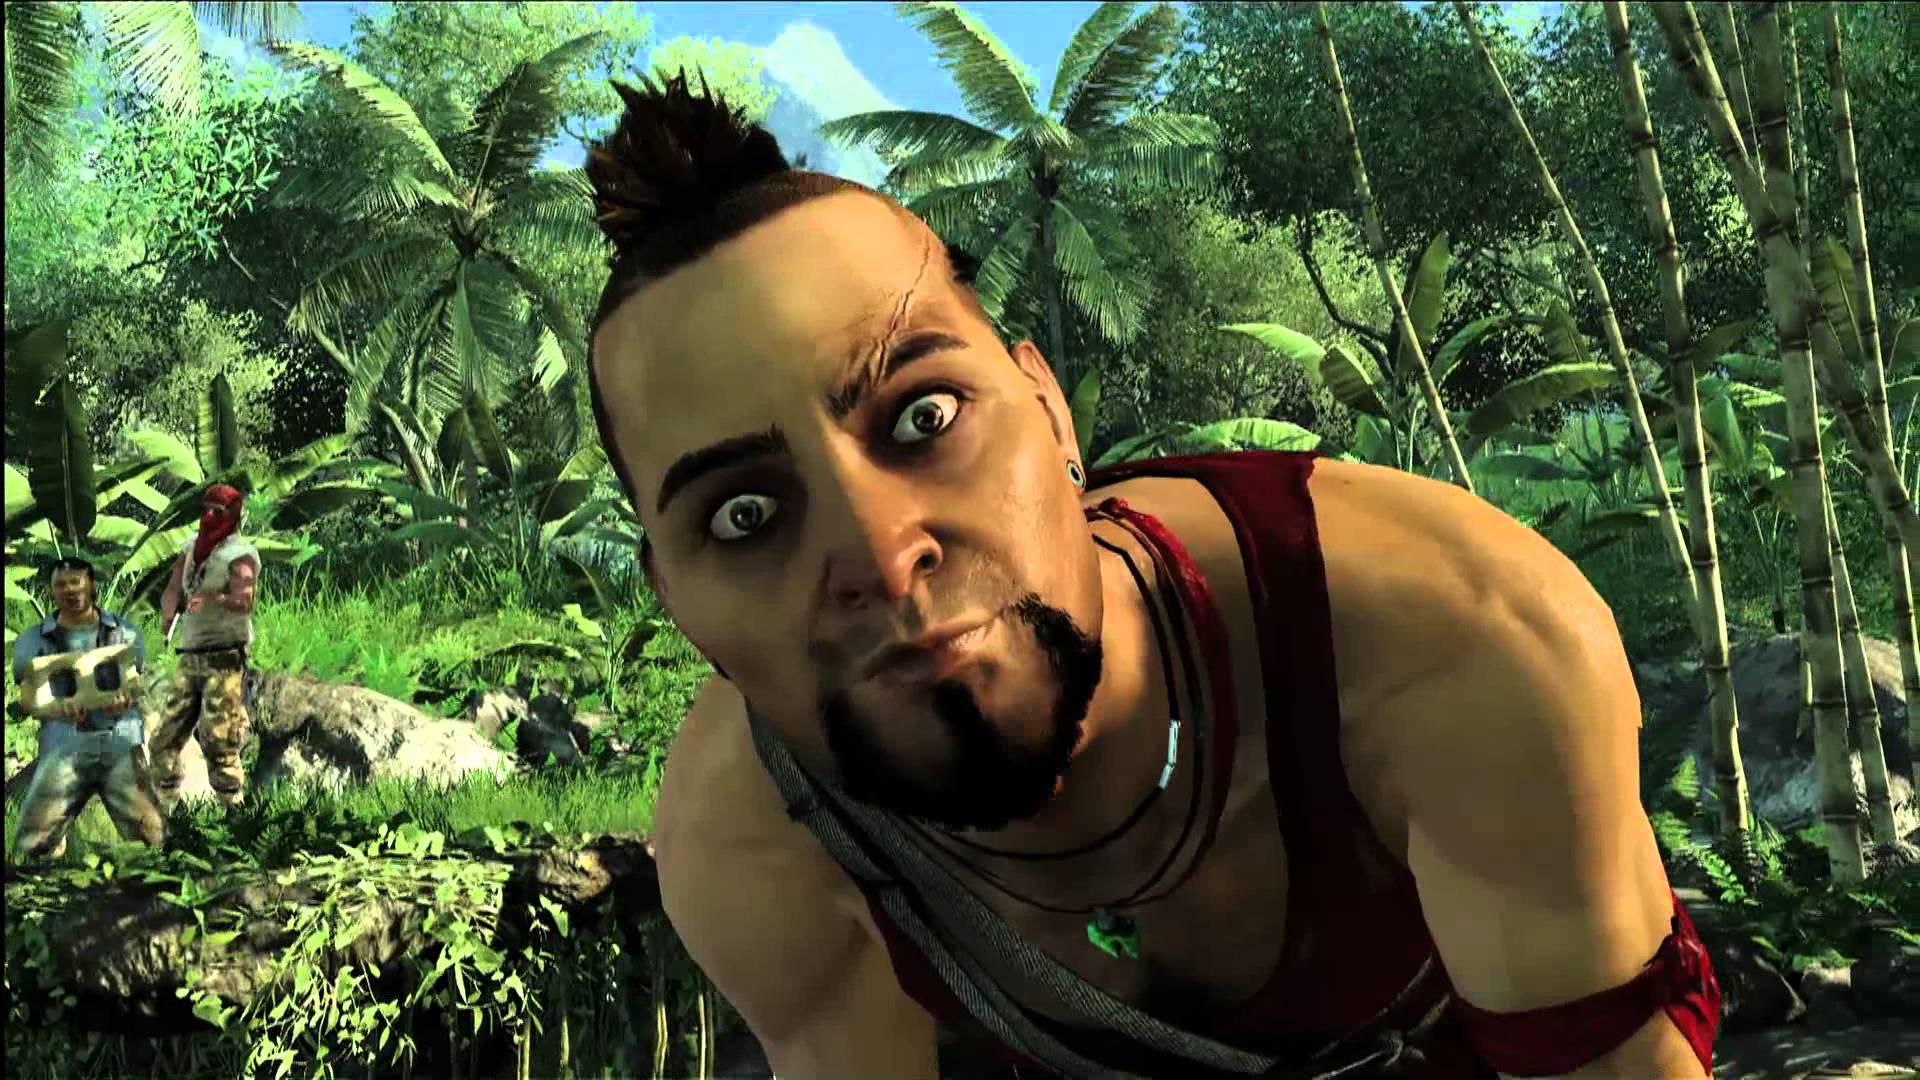 Far Cry 3 für 2,67 € (ohne Käuferschutz) bei Kinguin mit Käuferschutz für 3,20 €